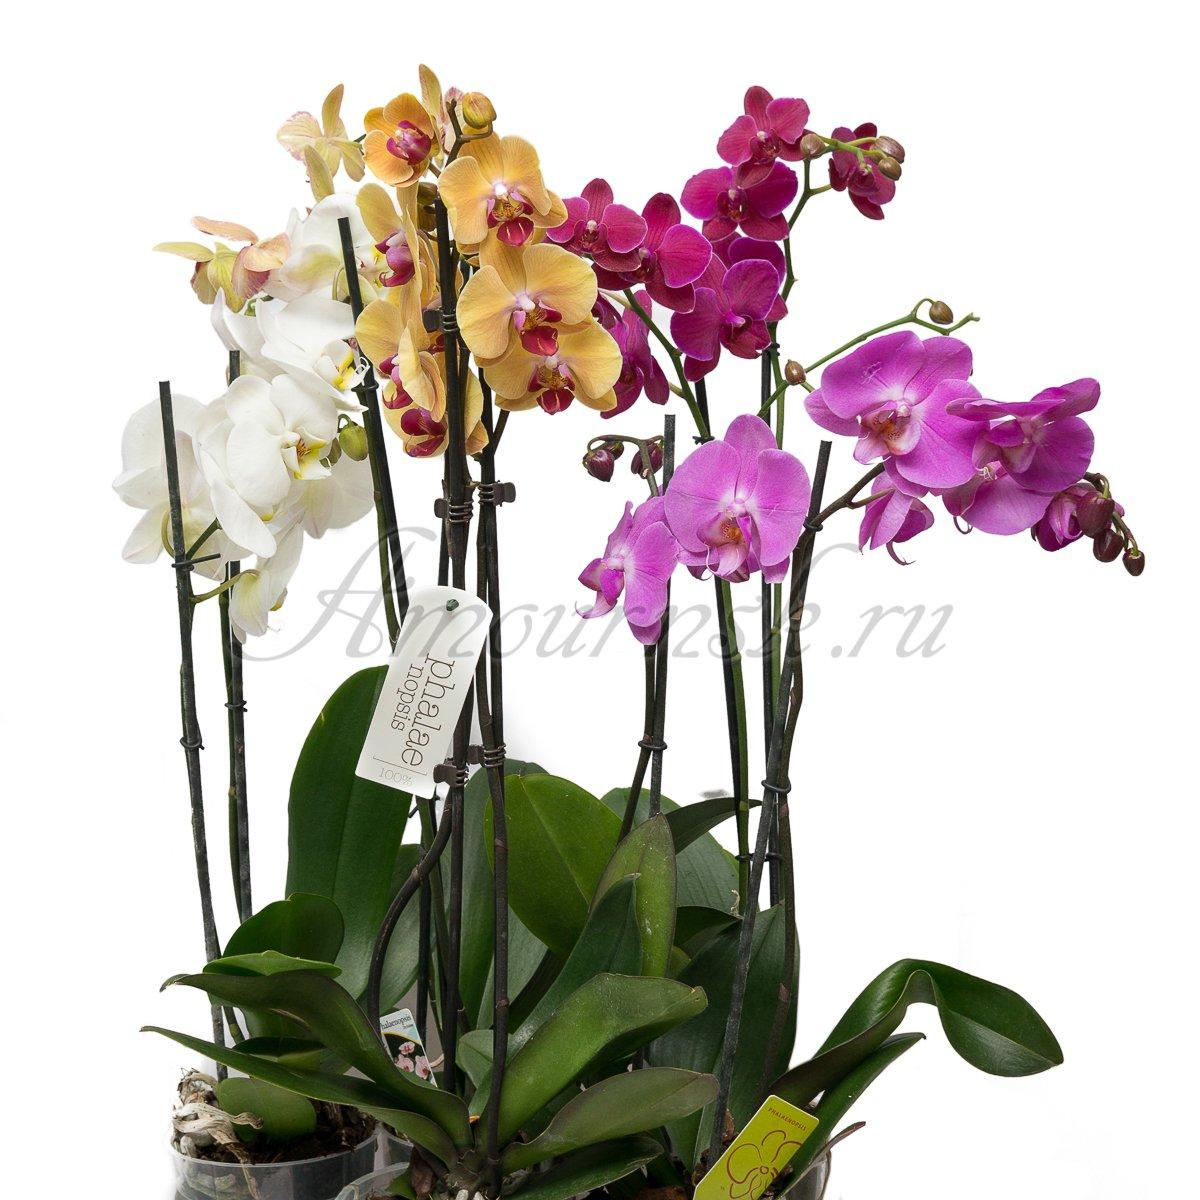 Домашние цветы новосибирск купить купить подарок мужчине харьков